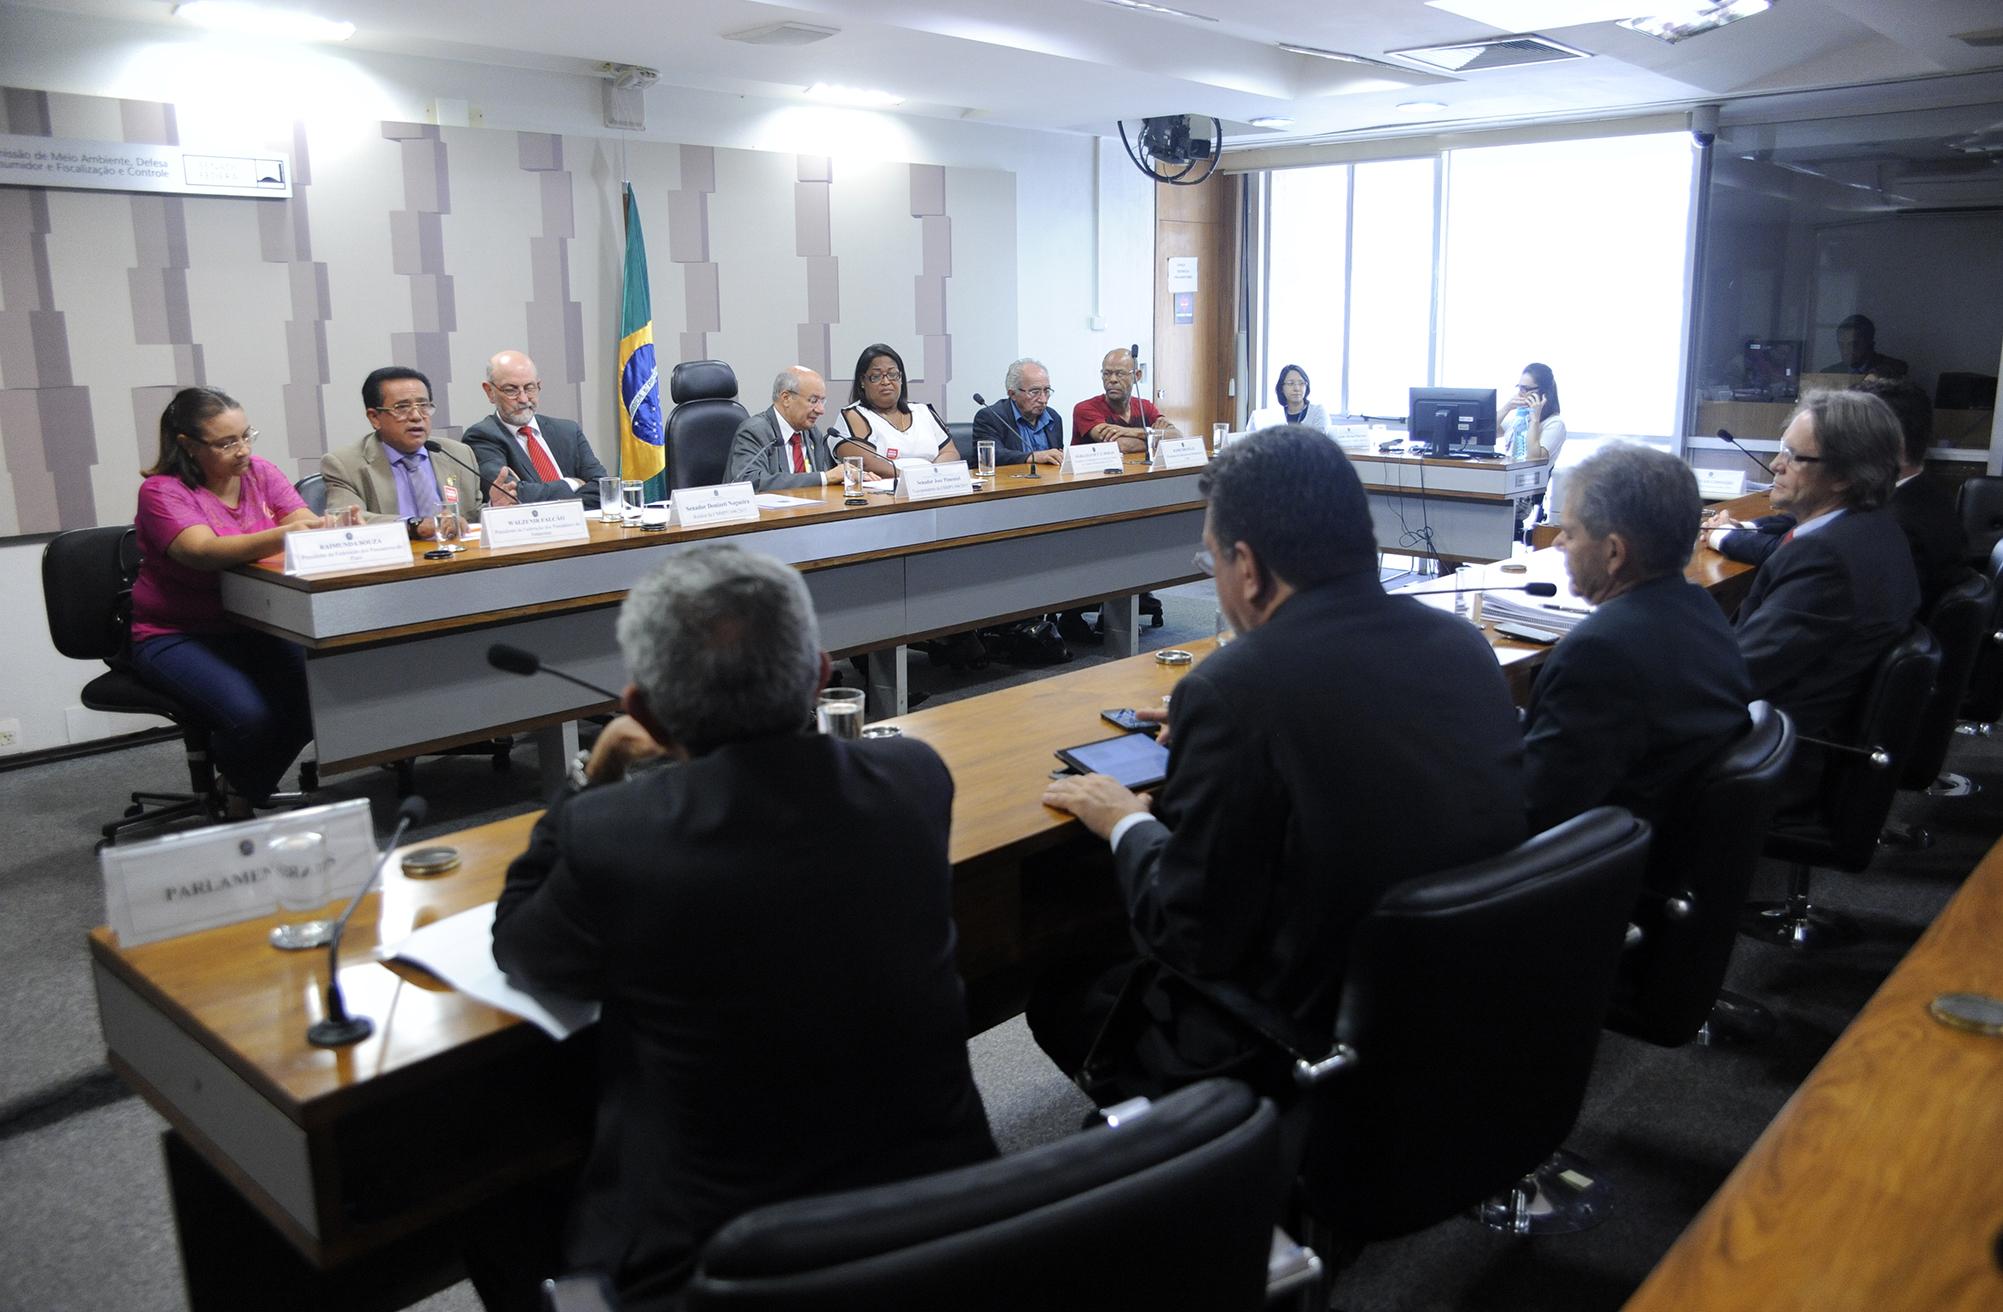 Audiência pública para debater a Medida Provisória 696/15, que trata da reforma ministerial